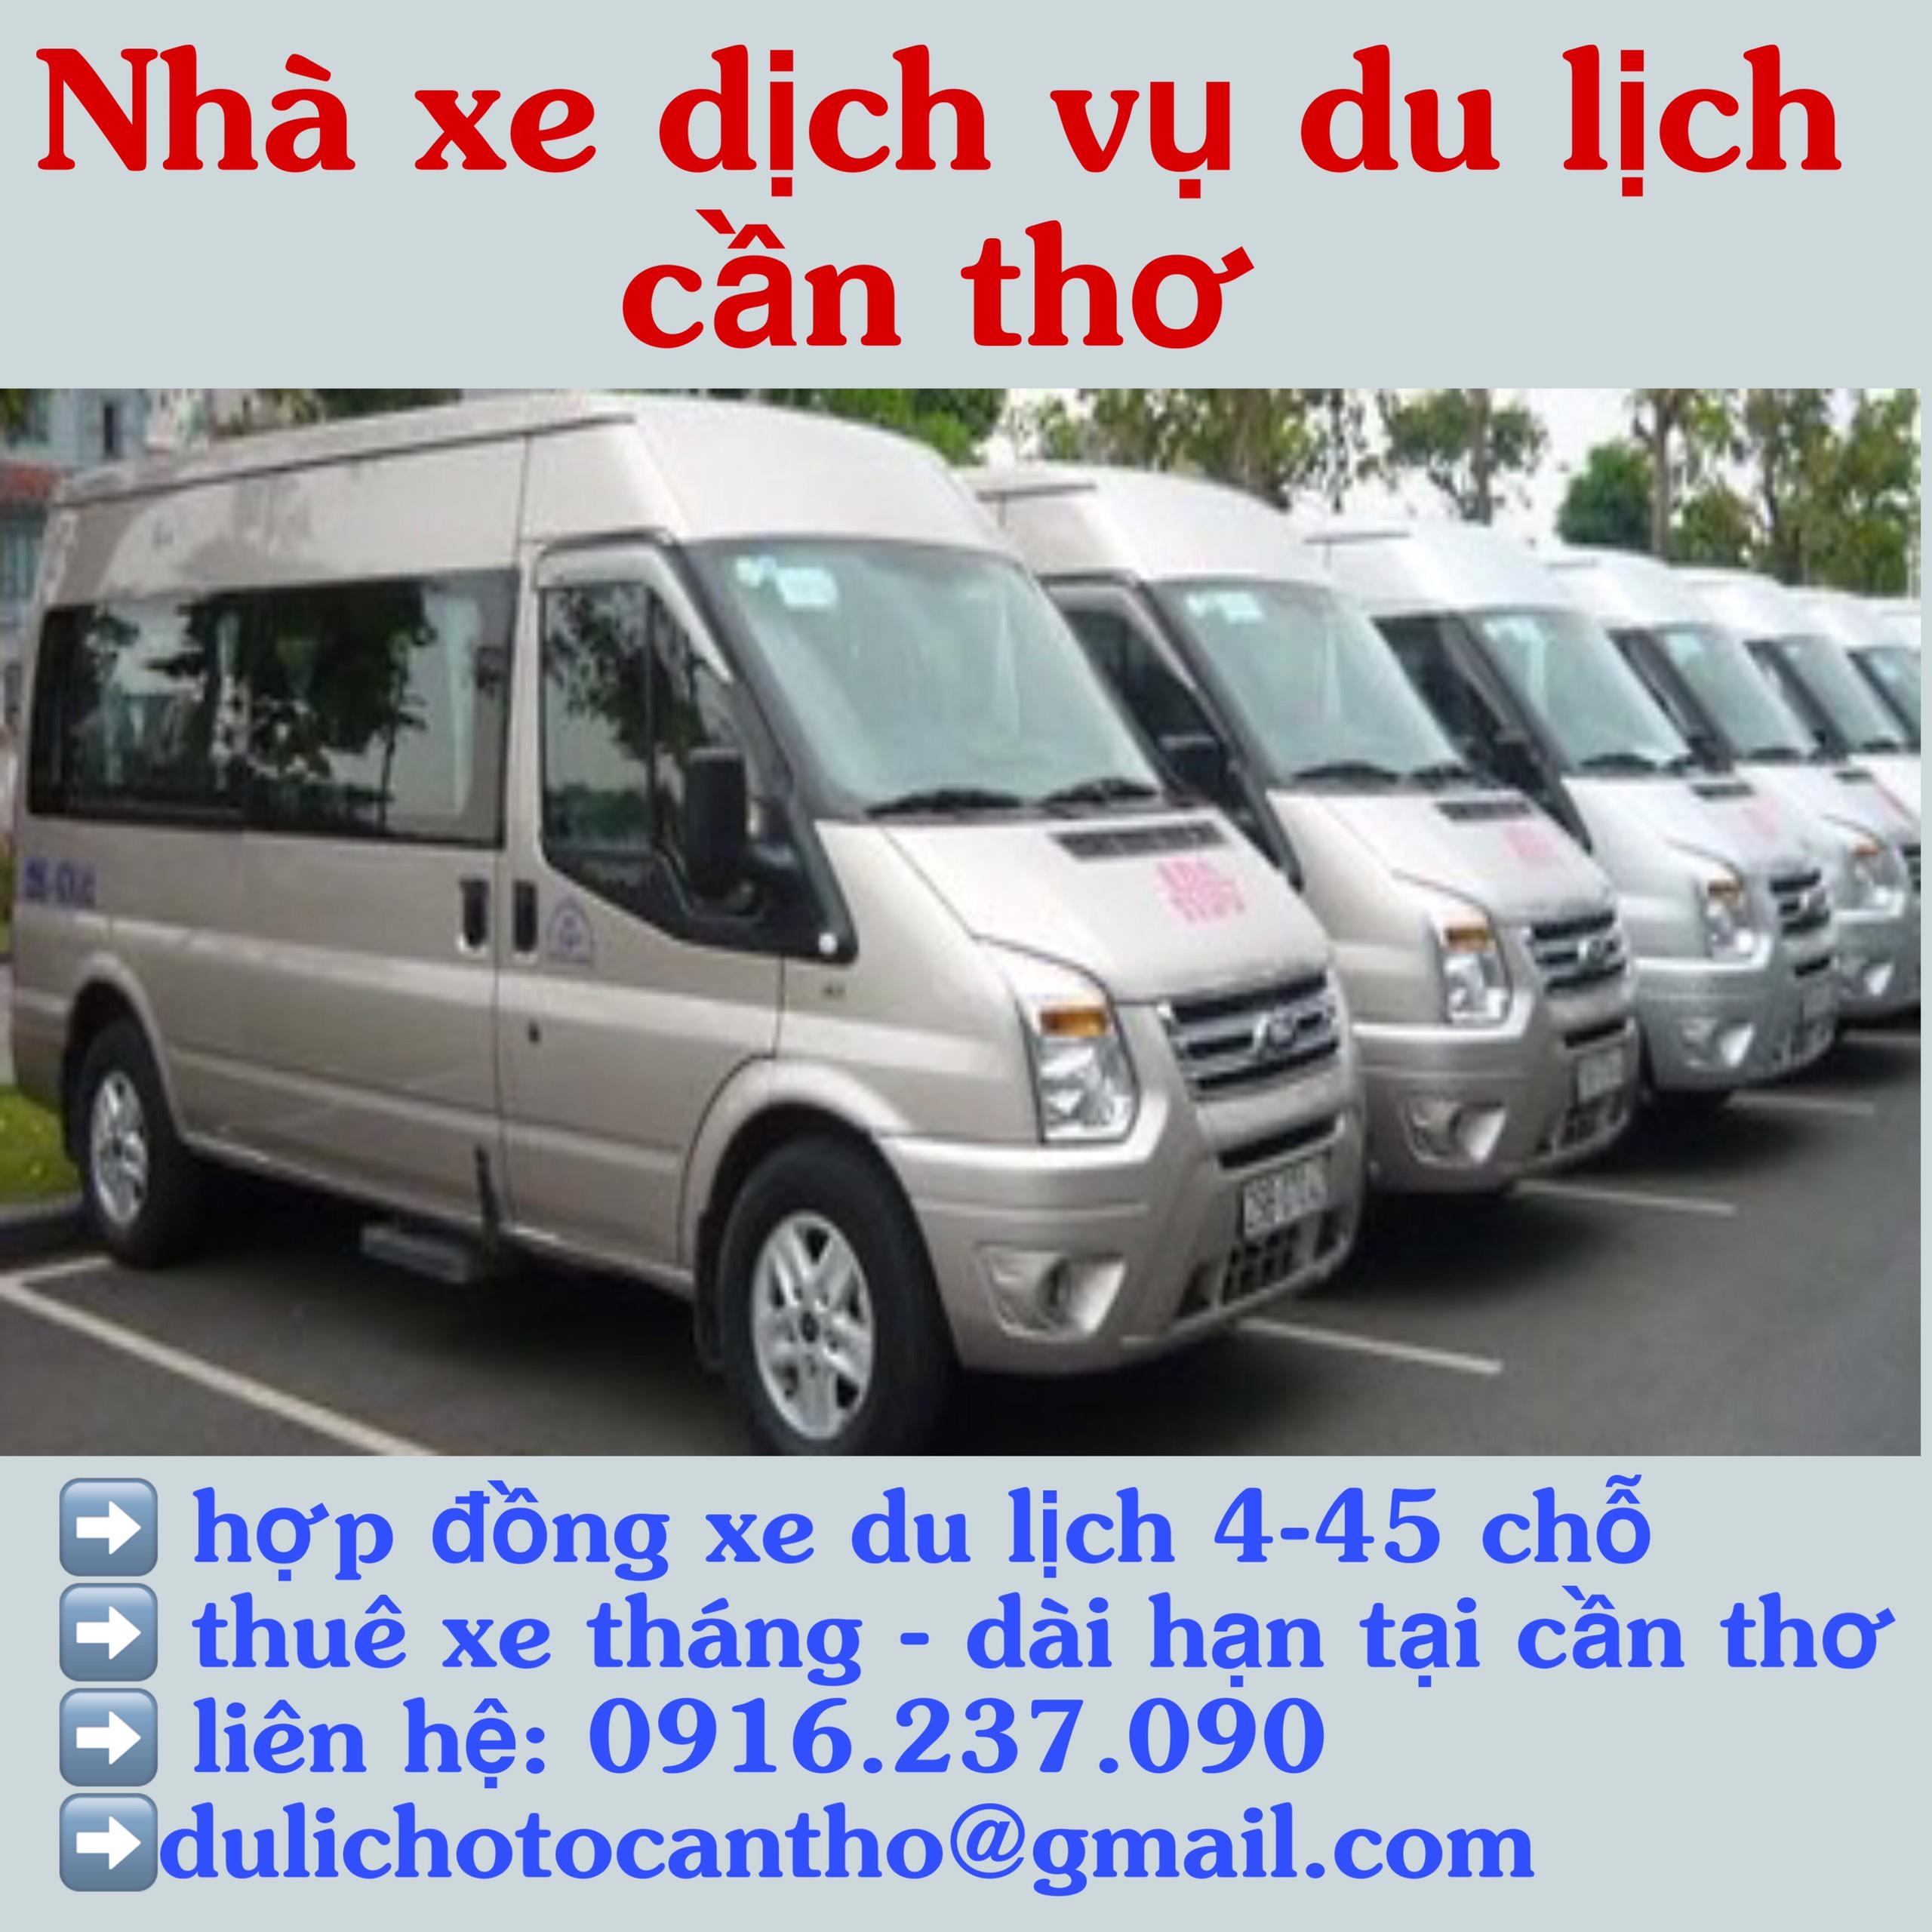 Giá thuê xe 16 chỗ đi Đất Mũi Cà Mau